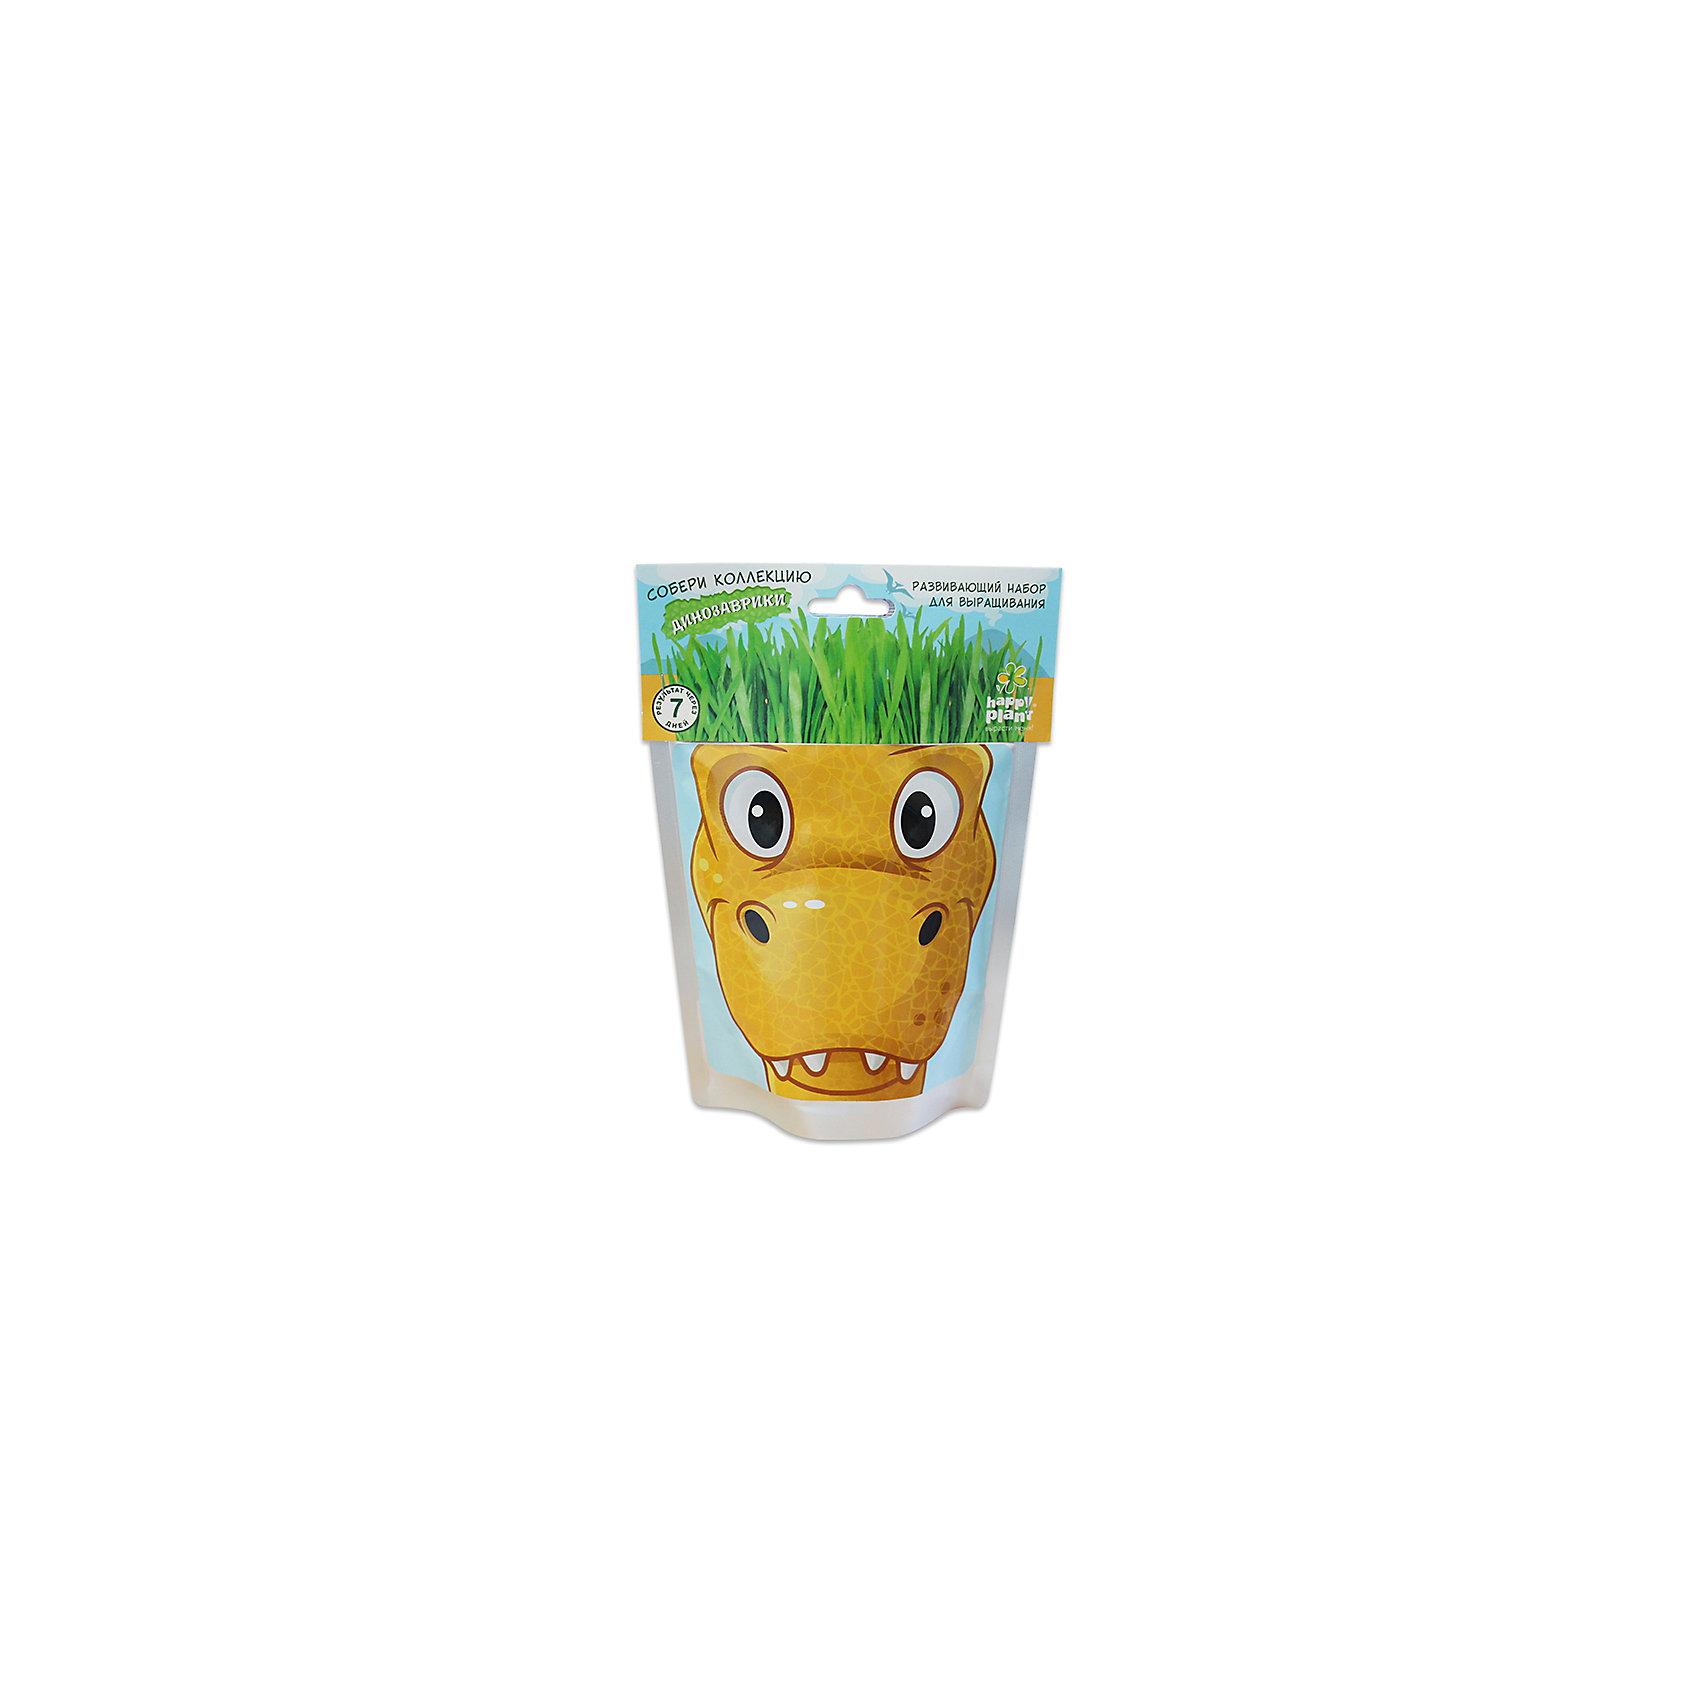 Набор для выращивания Динозаврики - Рекси Happy PlantНаборы для выращивания растений<br>Happy Plant Динозаврик Рекси.<br><br>Характеристики:<br><br>• научит ребенка выращивать растения и ухаживать за ними<br>• развивает фантазию <br>• яркий оригинальный дизайн<br>• качественные семена<br>• в комплекте: пакет-горшочек, органический субстрат для посадки, семена, лопатка, инструкция<br>• размер: 18х13 см<br>• объем: 500 мл<br>• Вес: 230 грамм<br><br>Веселый динозаврик Рекси научит ребенка выращивать растения и ухаживать за ними. Волосы-травка получается очень густая. Благодаря этому вы сможете подстригать динозаврика и делать ему различные прически. Прекрасный подарок юным садоводам!<br><br>Happy Plant Динозаврик Рекси, Вы можете купить в нашем интернет-магазине.<br><br>Ширина мм: 180<br>Глубина мм: 130<br>Высота мм: 80<br>Вес г: 230<br>Возраст от месяцев: 168<br>Возраст до месяцев: 240<br>Пол: Унисекс<br>Возраст: Детский<br>SKU: 5053999